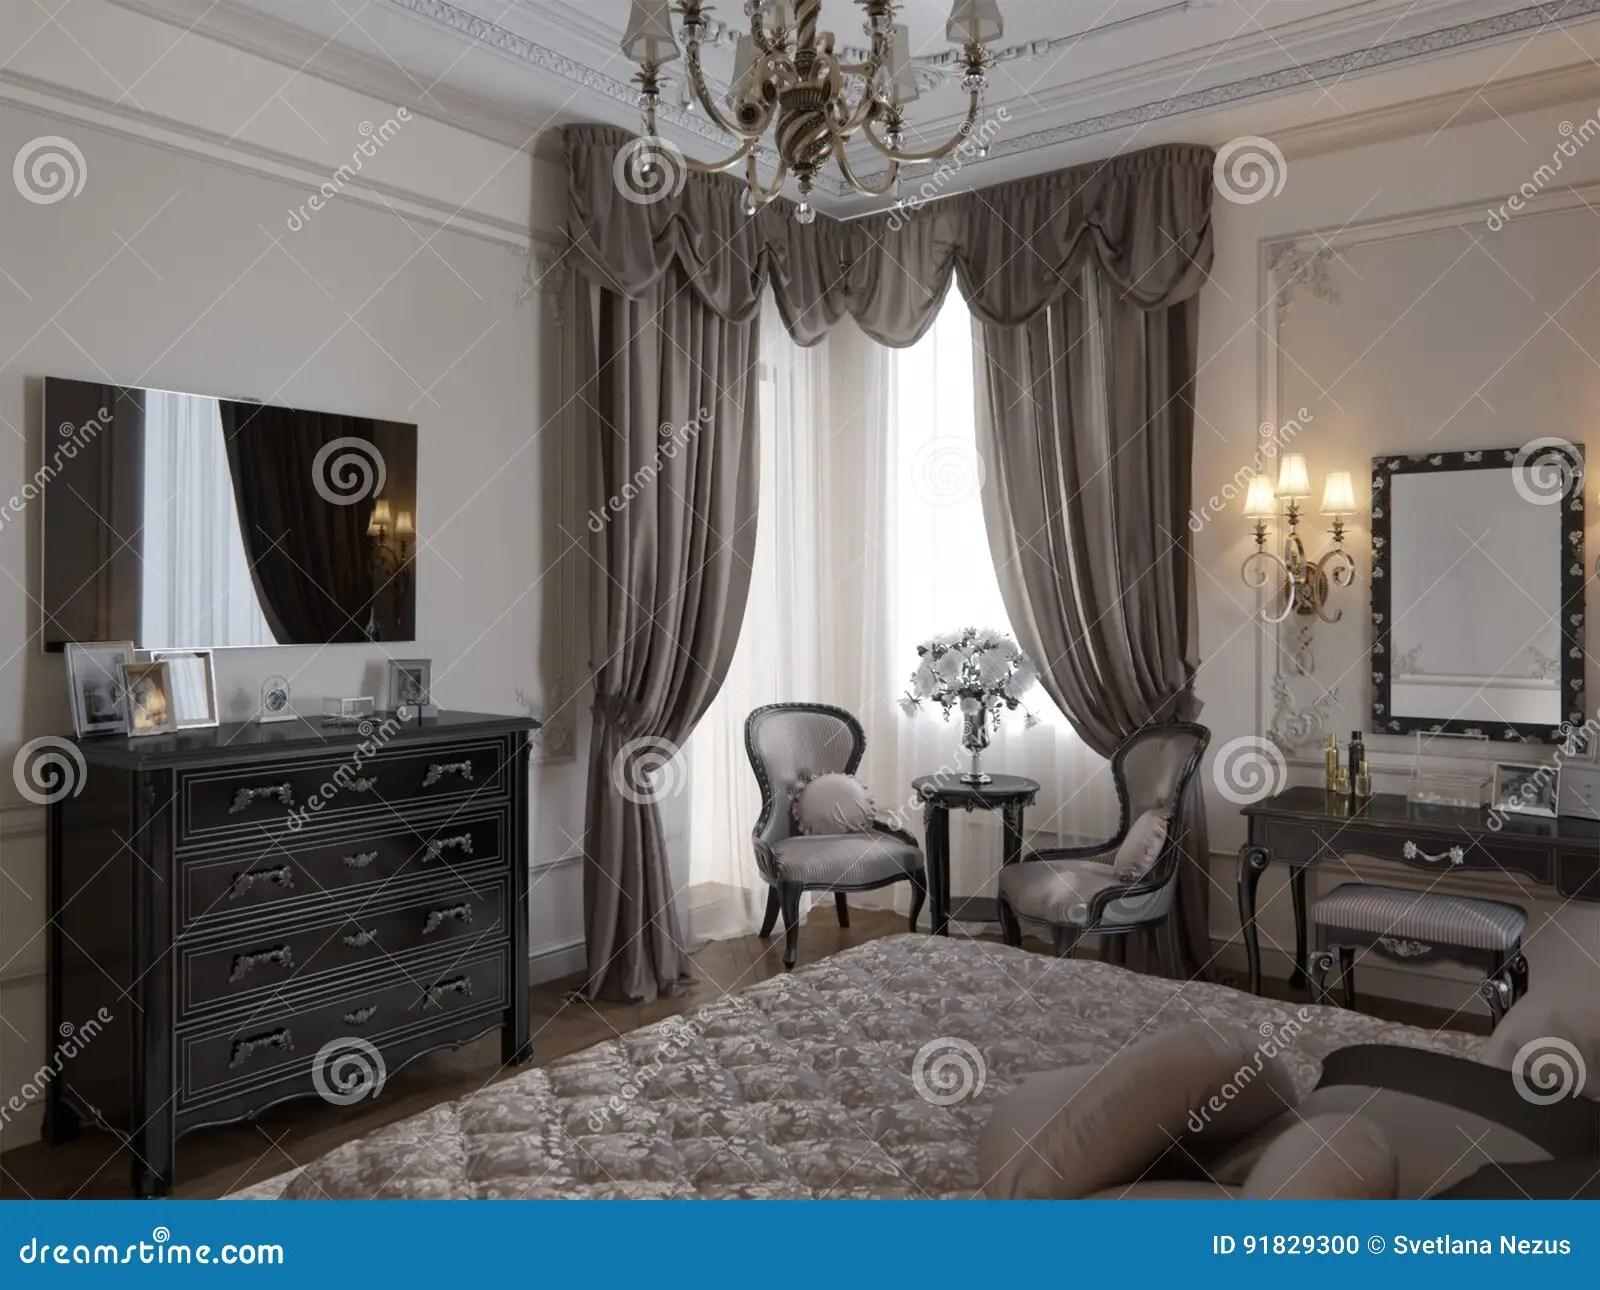 Letti Classici Di Lusso : Letti classici di lusso divani classici di lusso stile